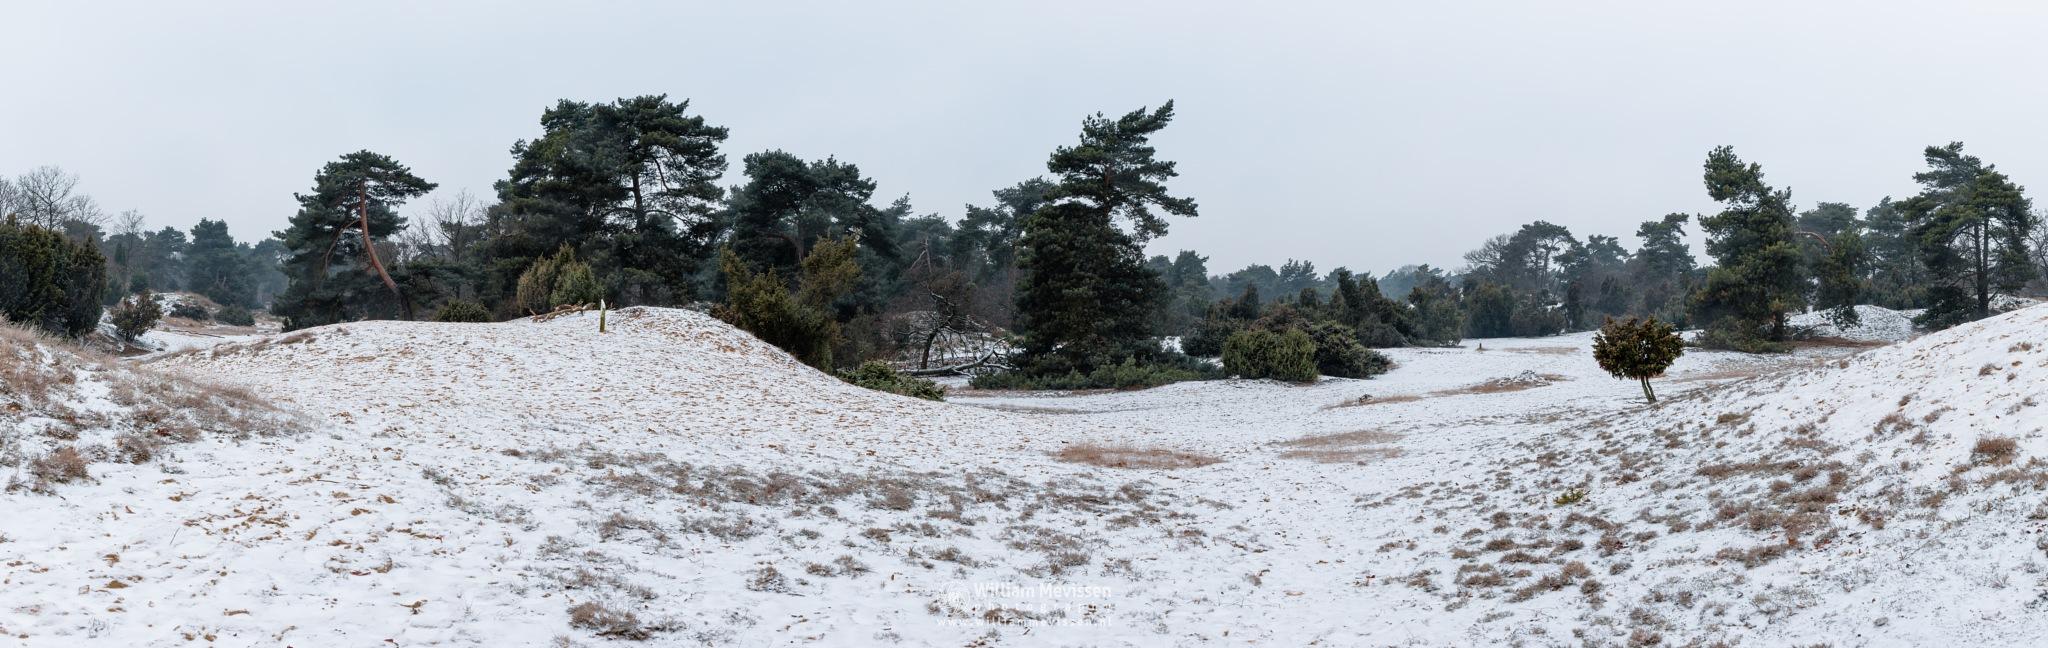 Panorama Boshuizerbergen Winter by William Mevissen